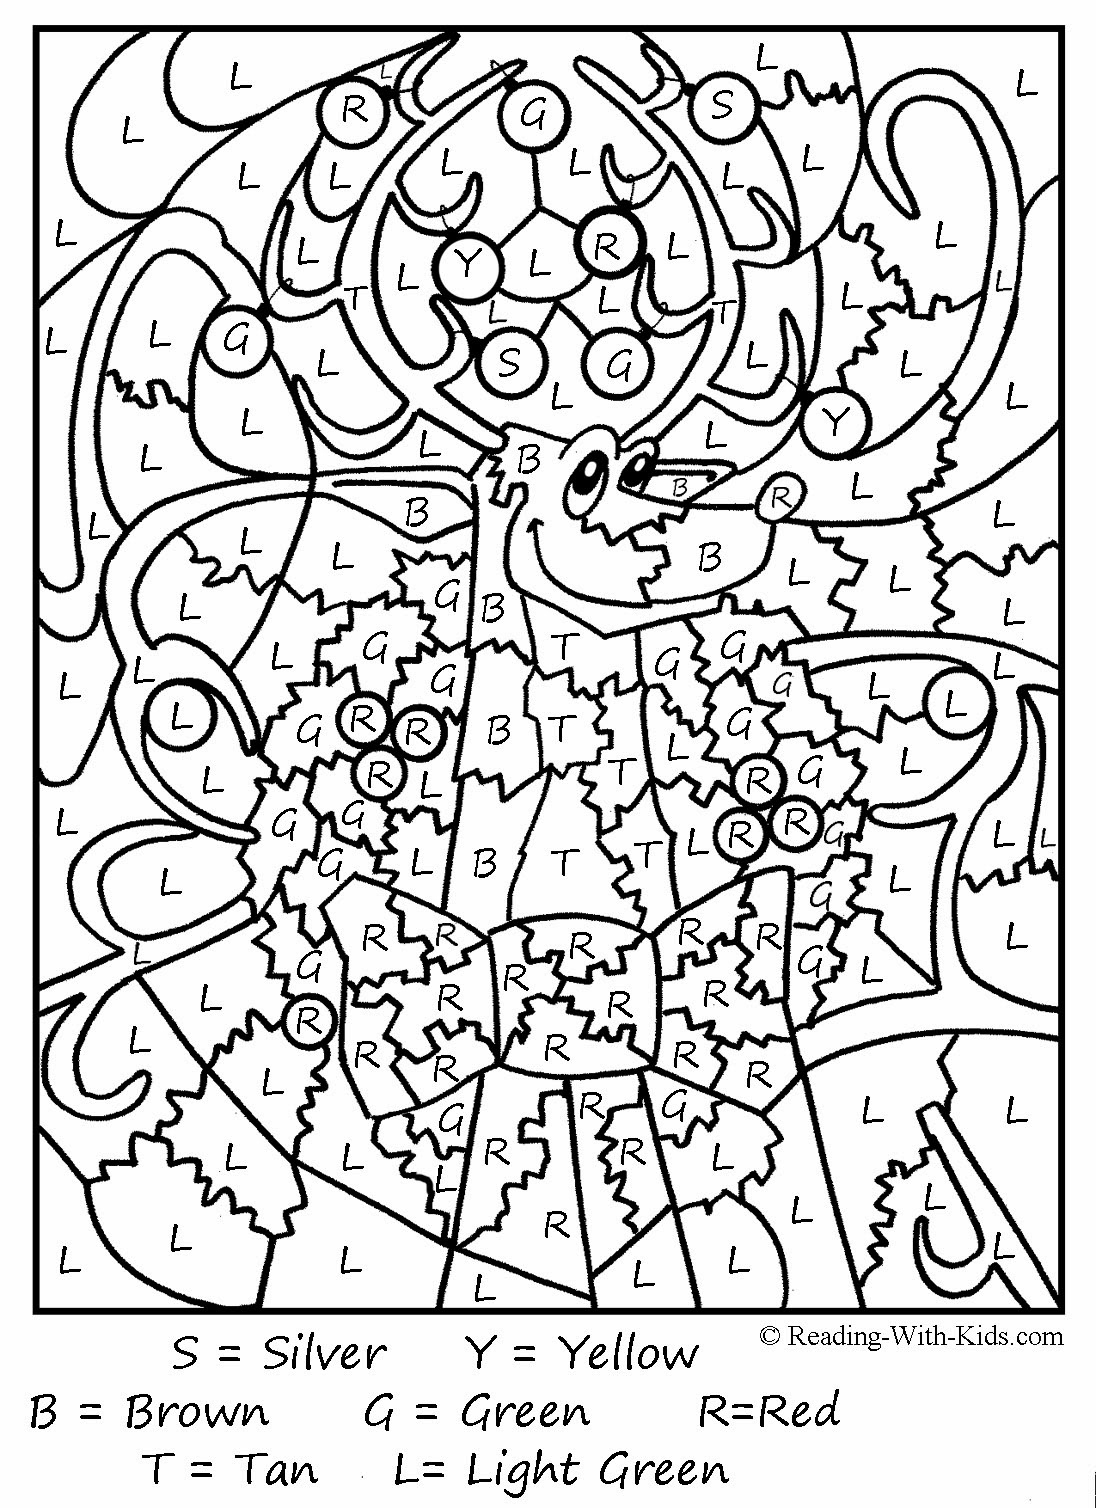 Coloriage Magique Cp - Les Beaux Dessins De Autres À pour Coloriage Magique Cp Calcul